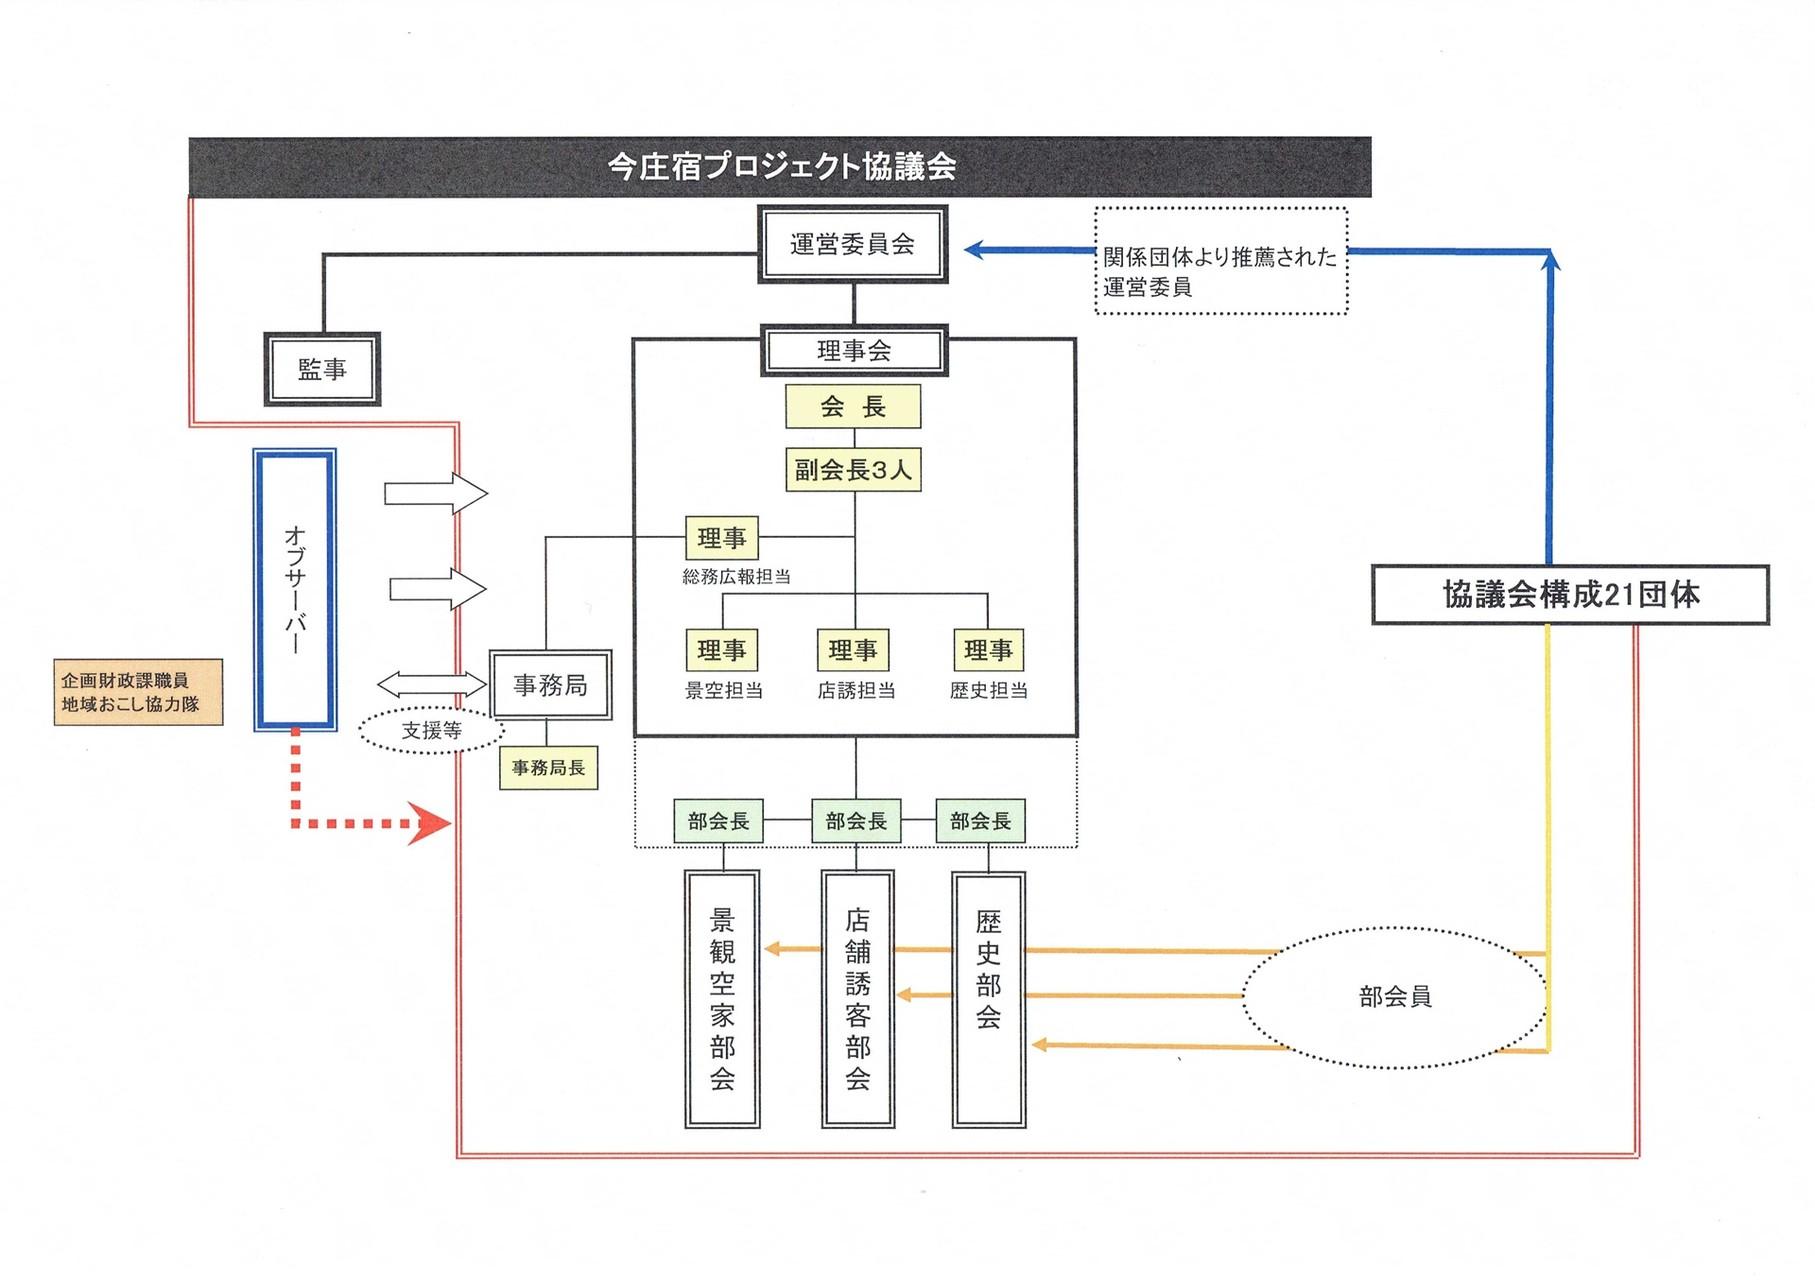 今庄宿プロジェクト協議会 組織図